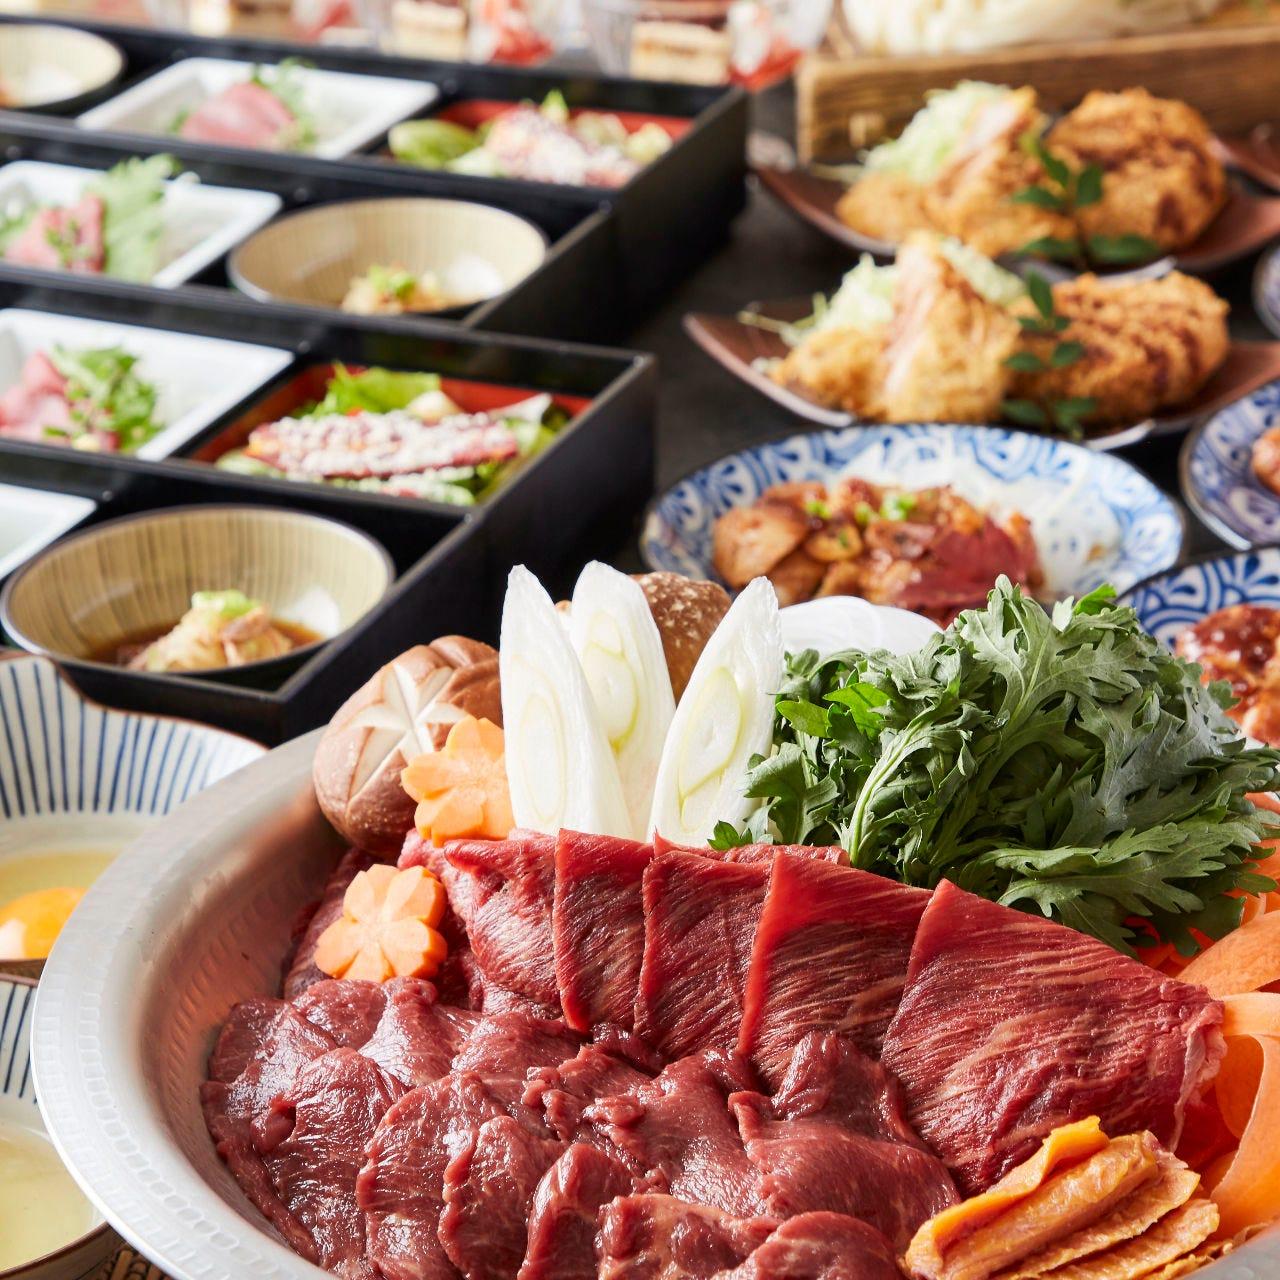 [馬すき焼き]馬肉料理と牛タン料理を存分に味わう豪華8品【2H飲み放題付】5000円